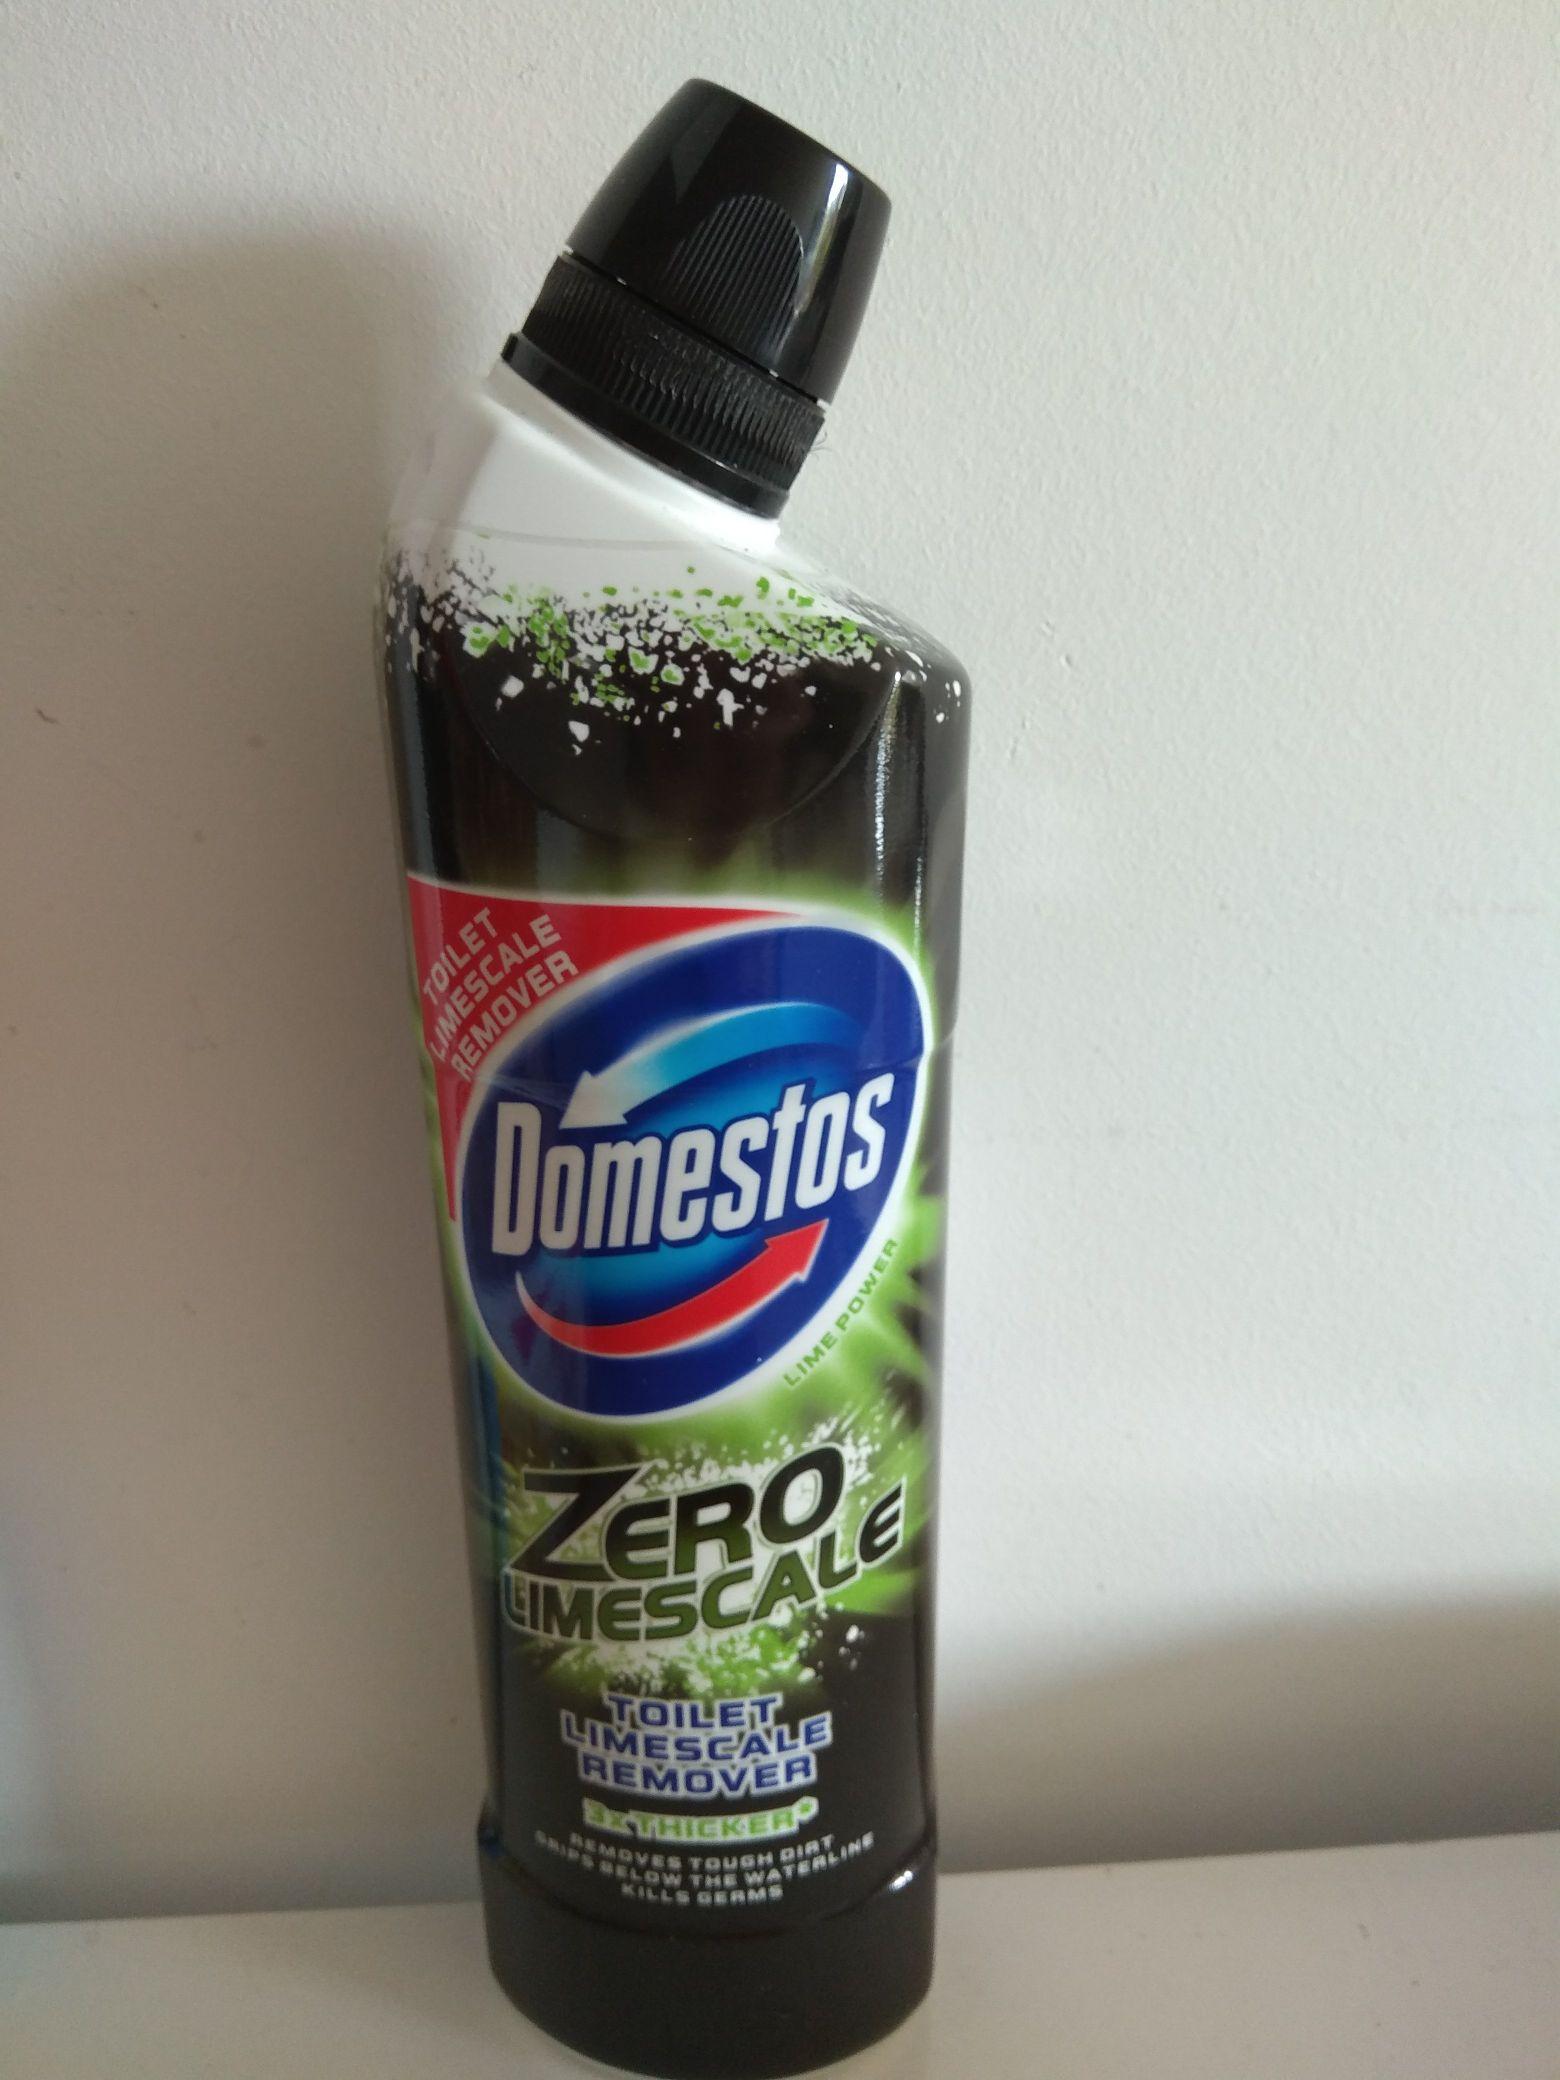 Domestos zero limescale, toilet limescale remover 75p from Waitrose